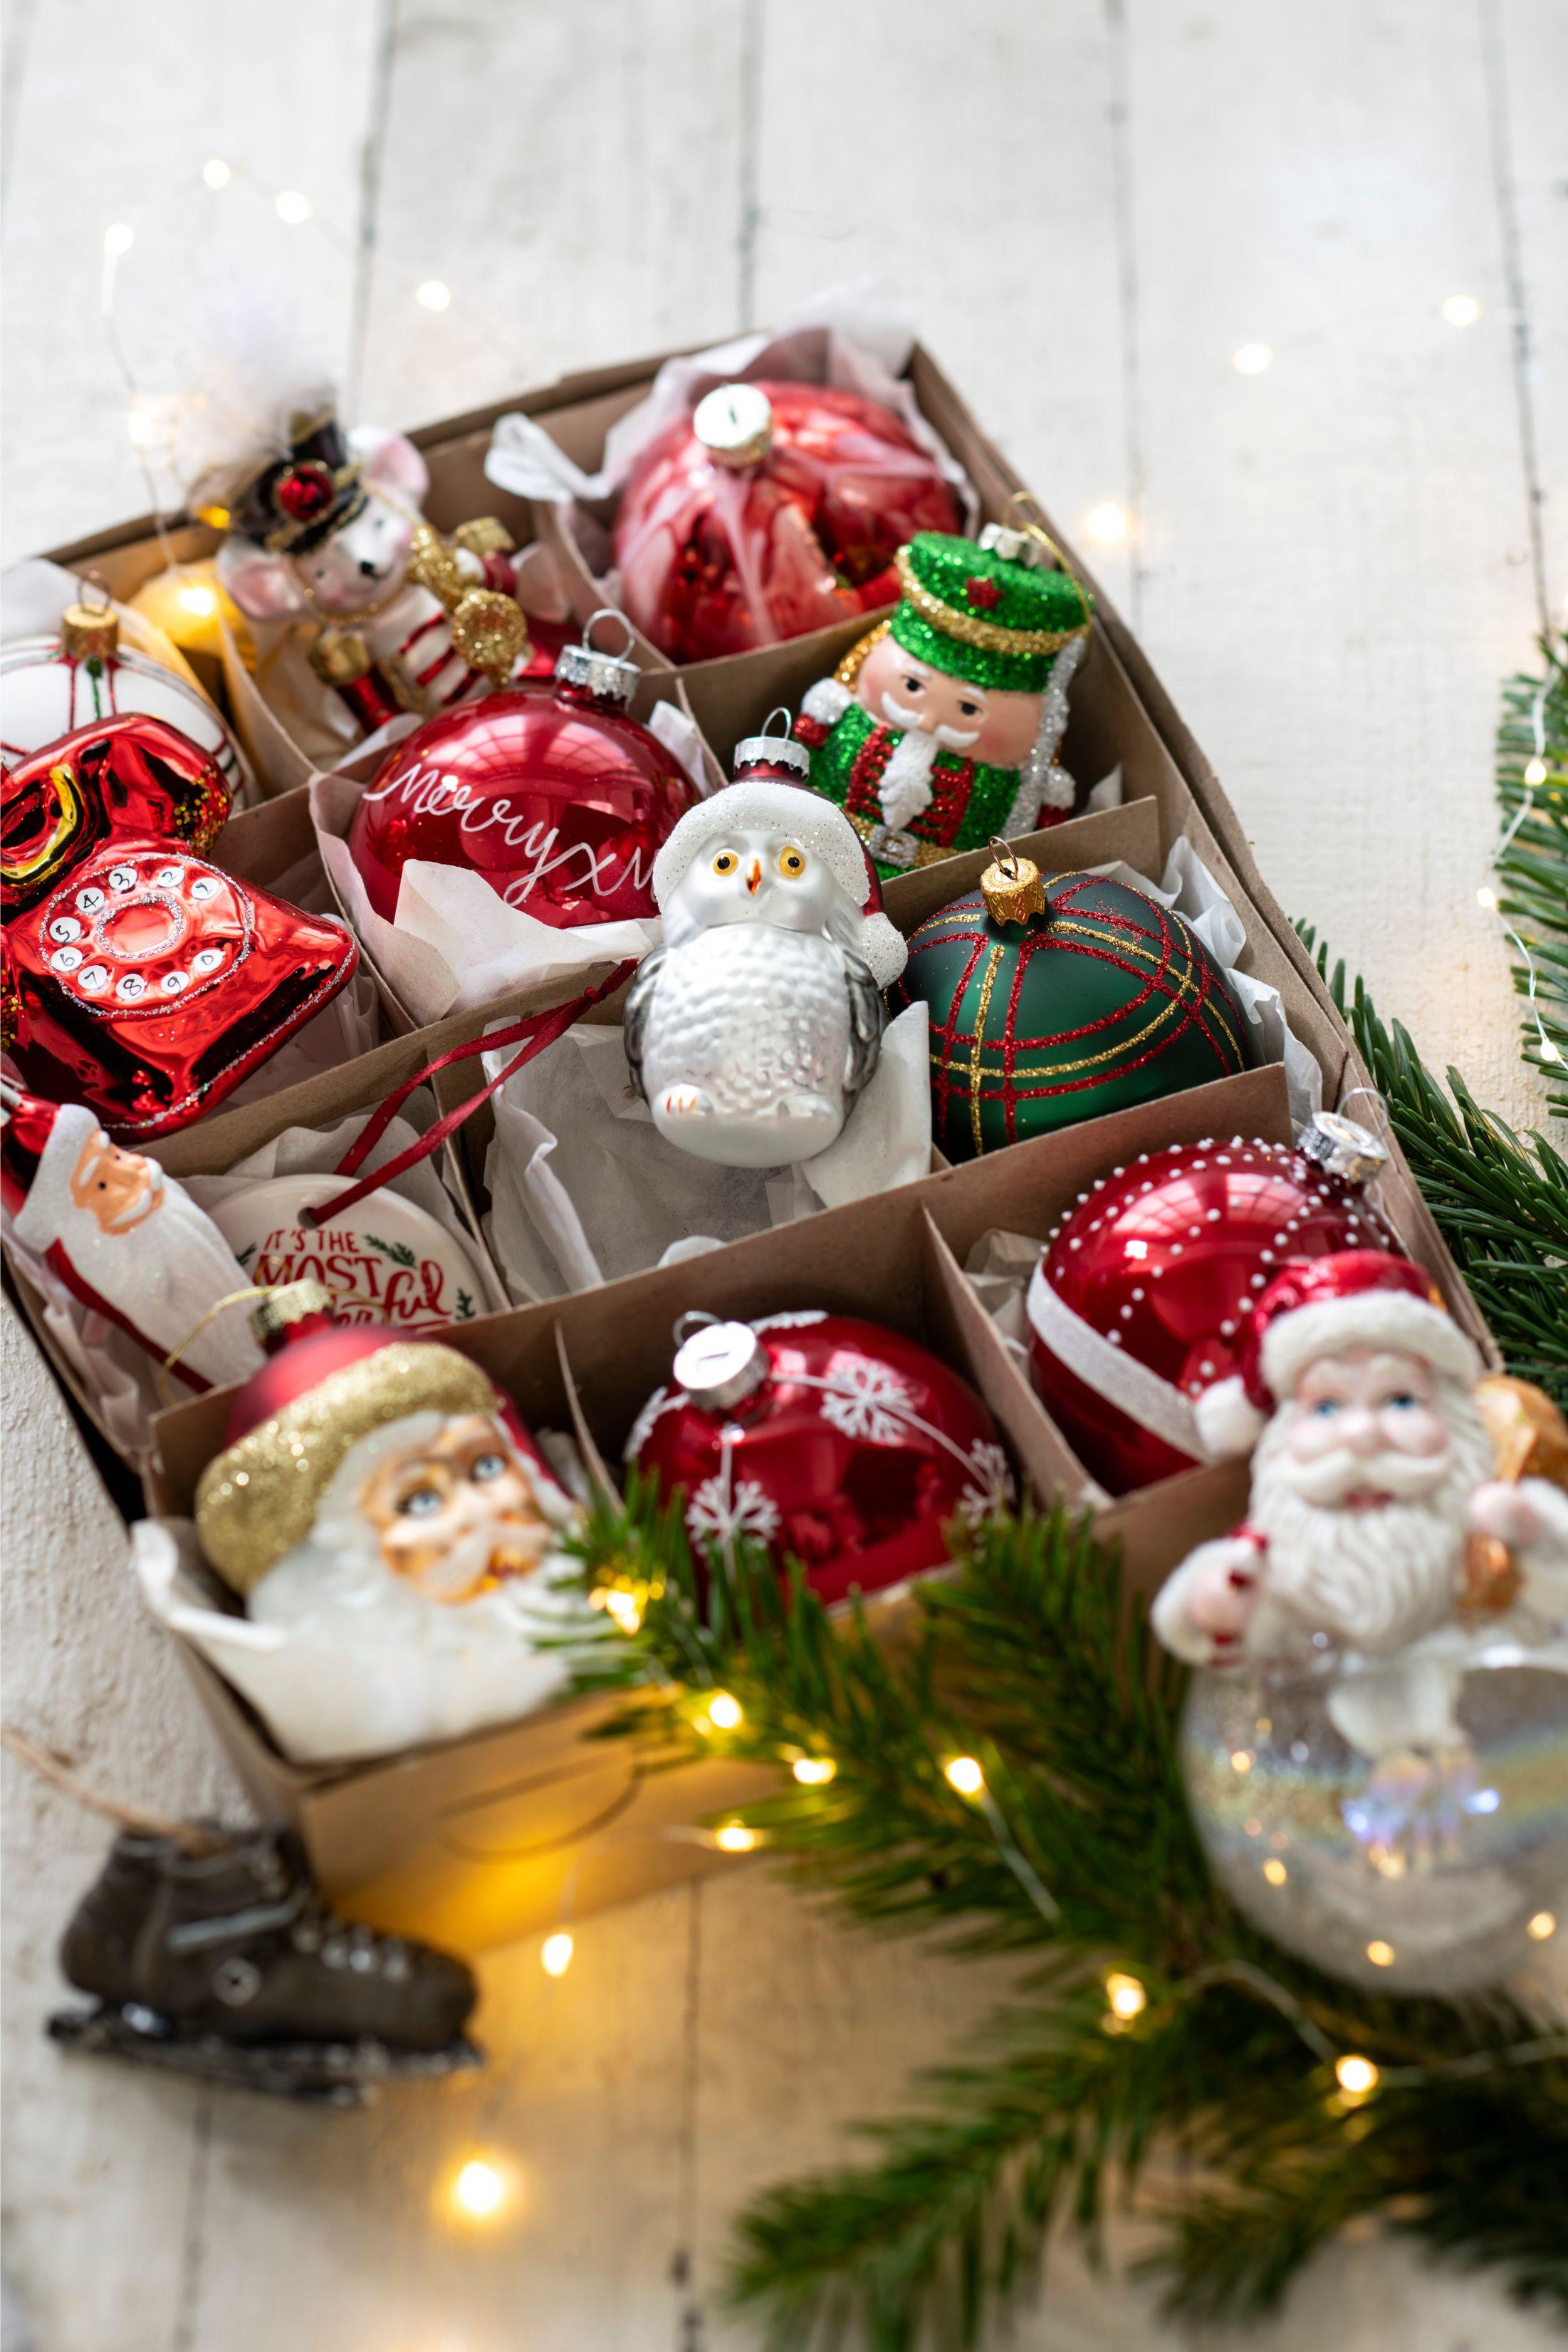 kersttrends intratuin 2019